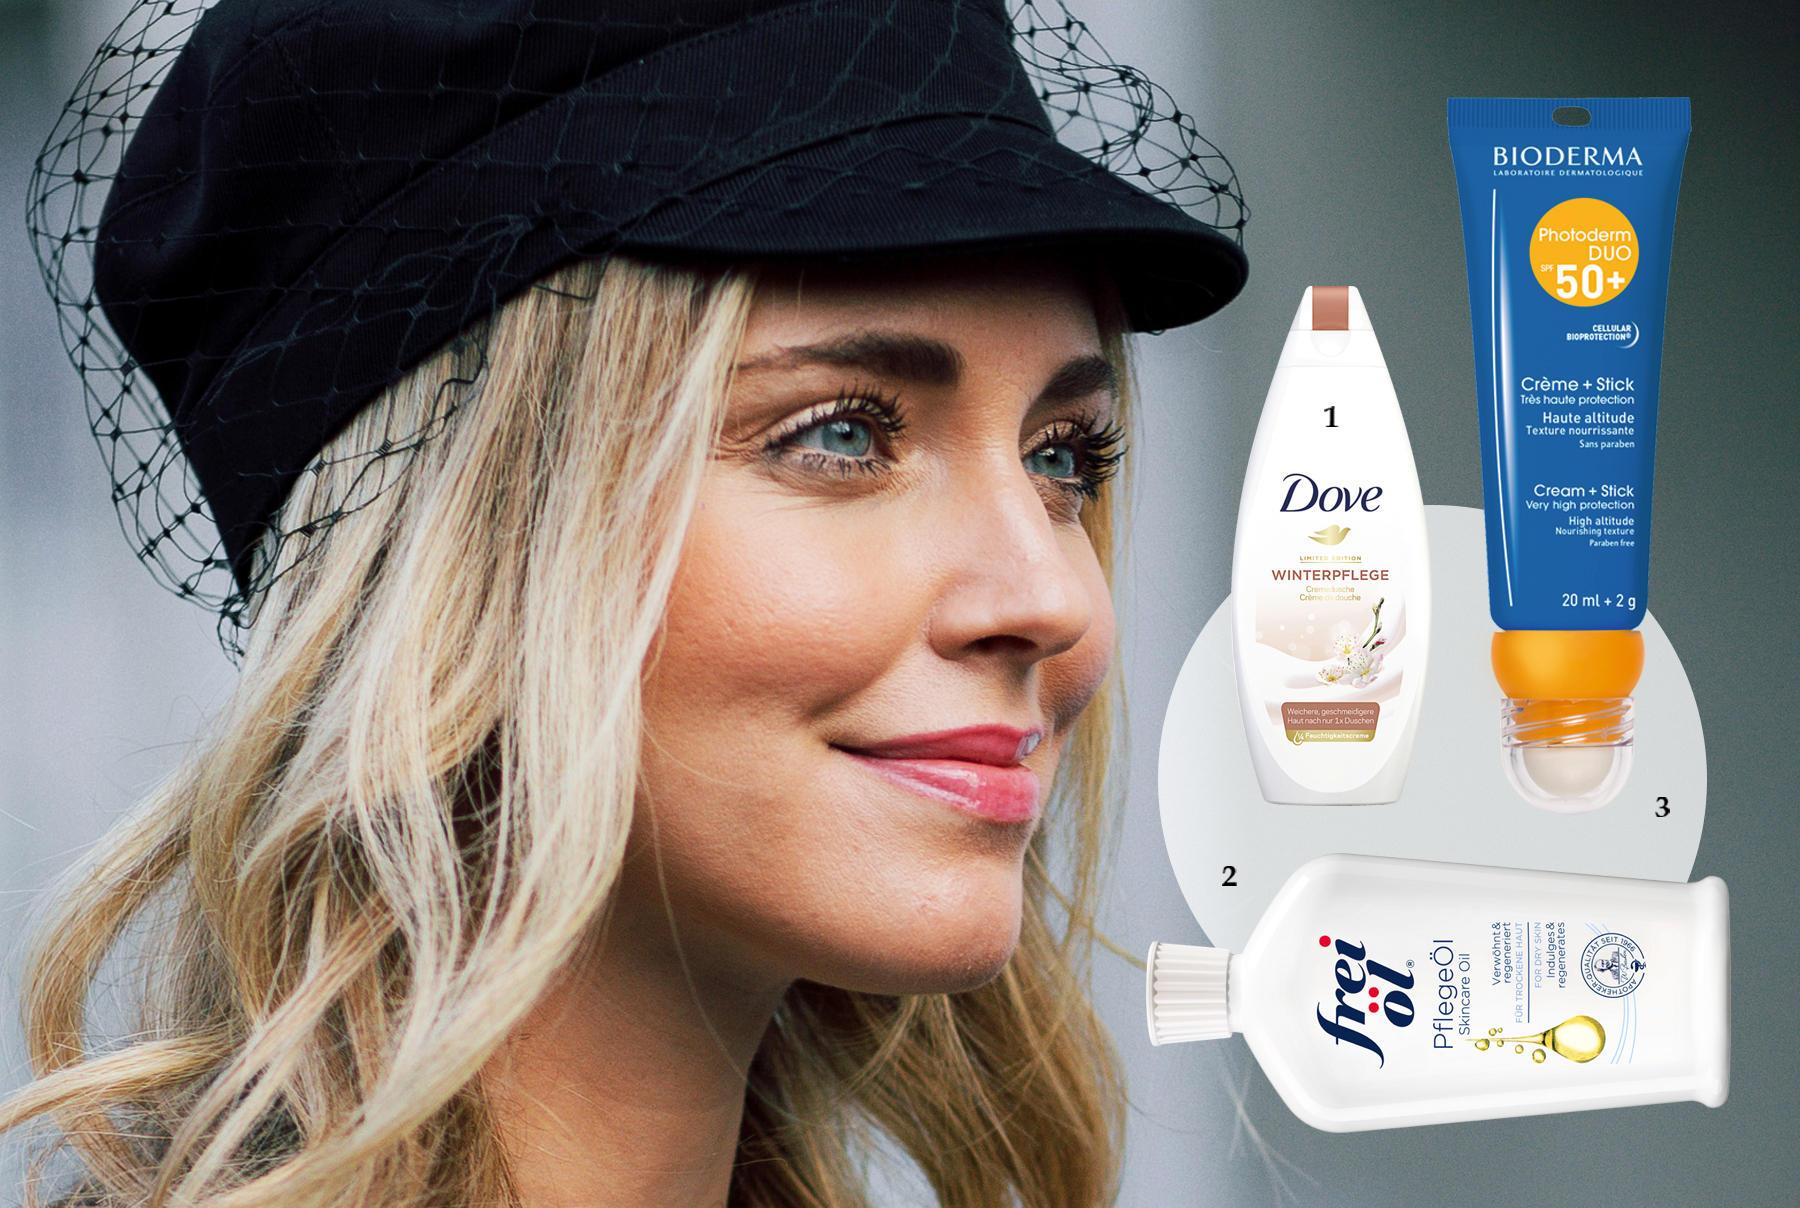 """1.Schaumschläger mit einem Viertel Anteil an Feuchtigkeitscreme: """"Cremedusche Winterpflege"""" von Dove, 250 ml, ca. 3 Euro, limitiert; 2.Pflanzenöl-Cocktail für den Body: """"Pflege Öl"""" von Frei Öl, 125 ml, ca. 12 Euro; 3.2-in-1-Sonnenschutz für Lippen und Teint: """"Photoderm Duo SPF 50+"""" von Bioderma, 20 ml + 2 g, ca. 15 Euro"""